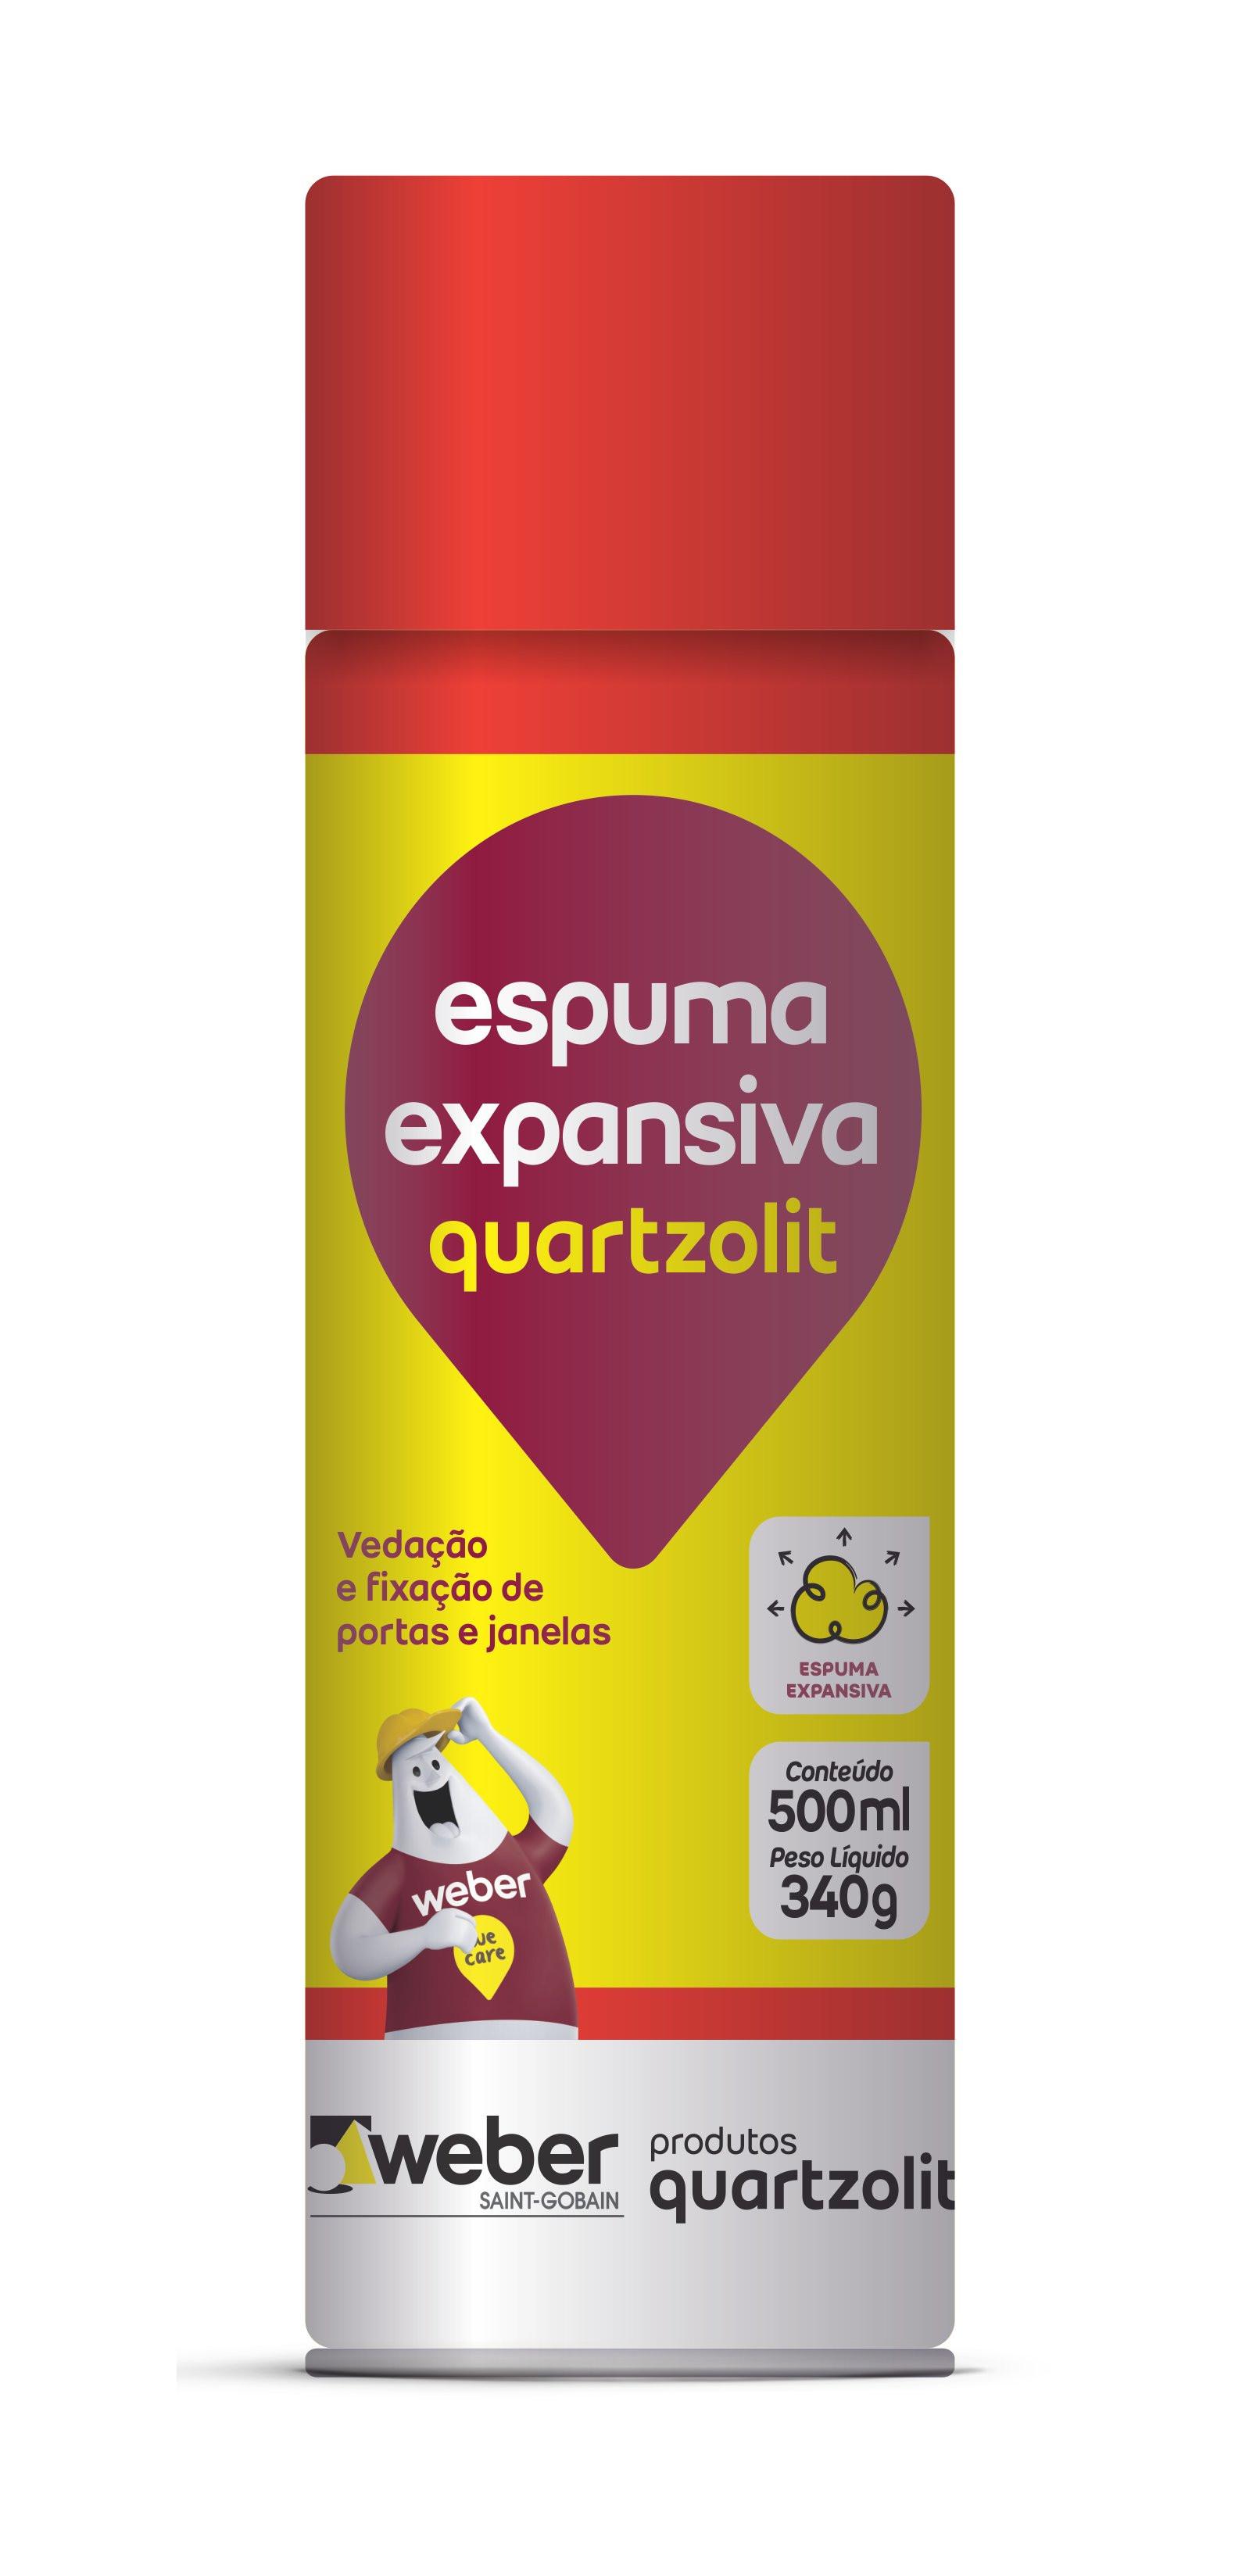 Espuma Expansiva 500ml Quartzolit